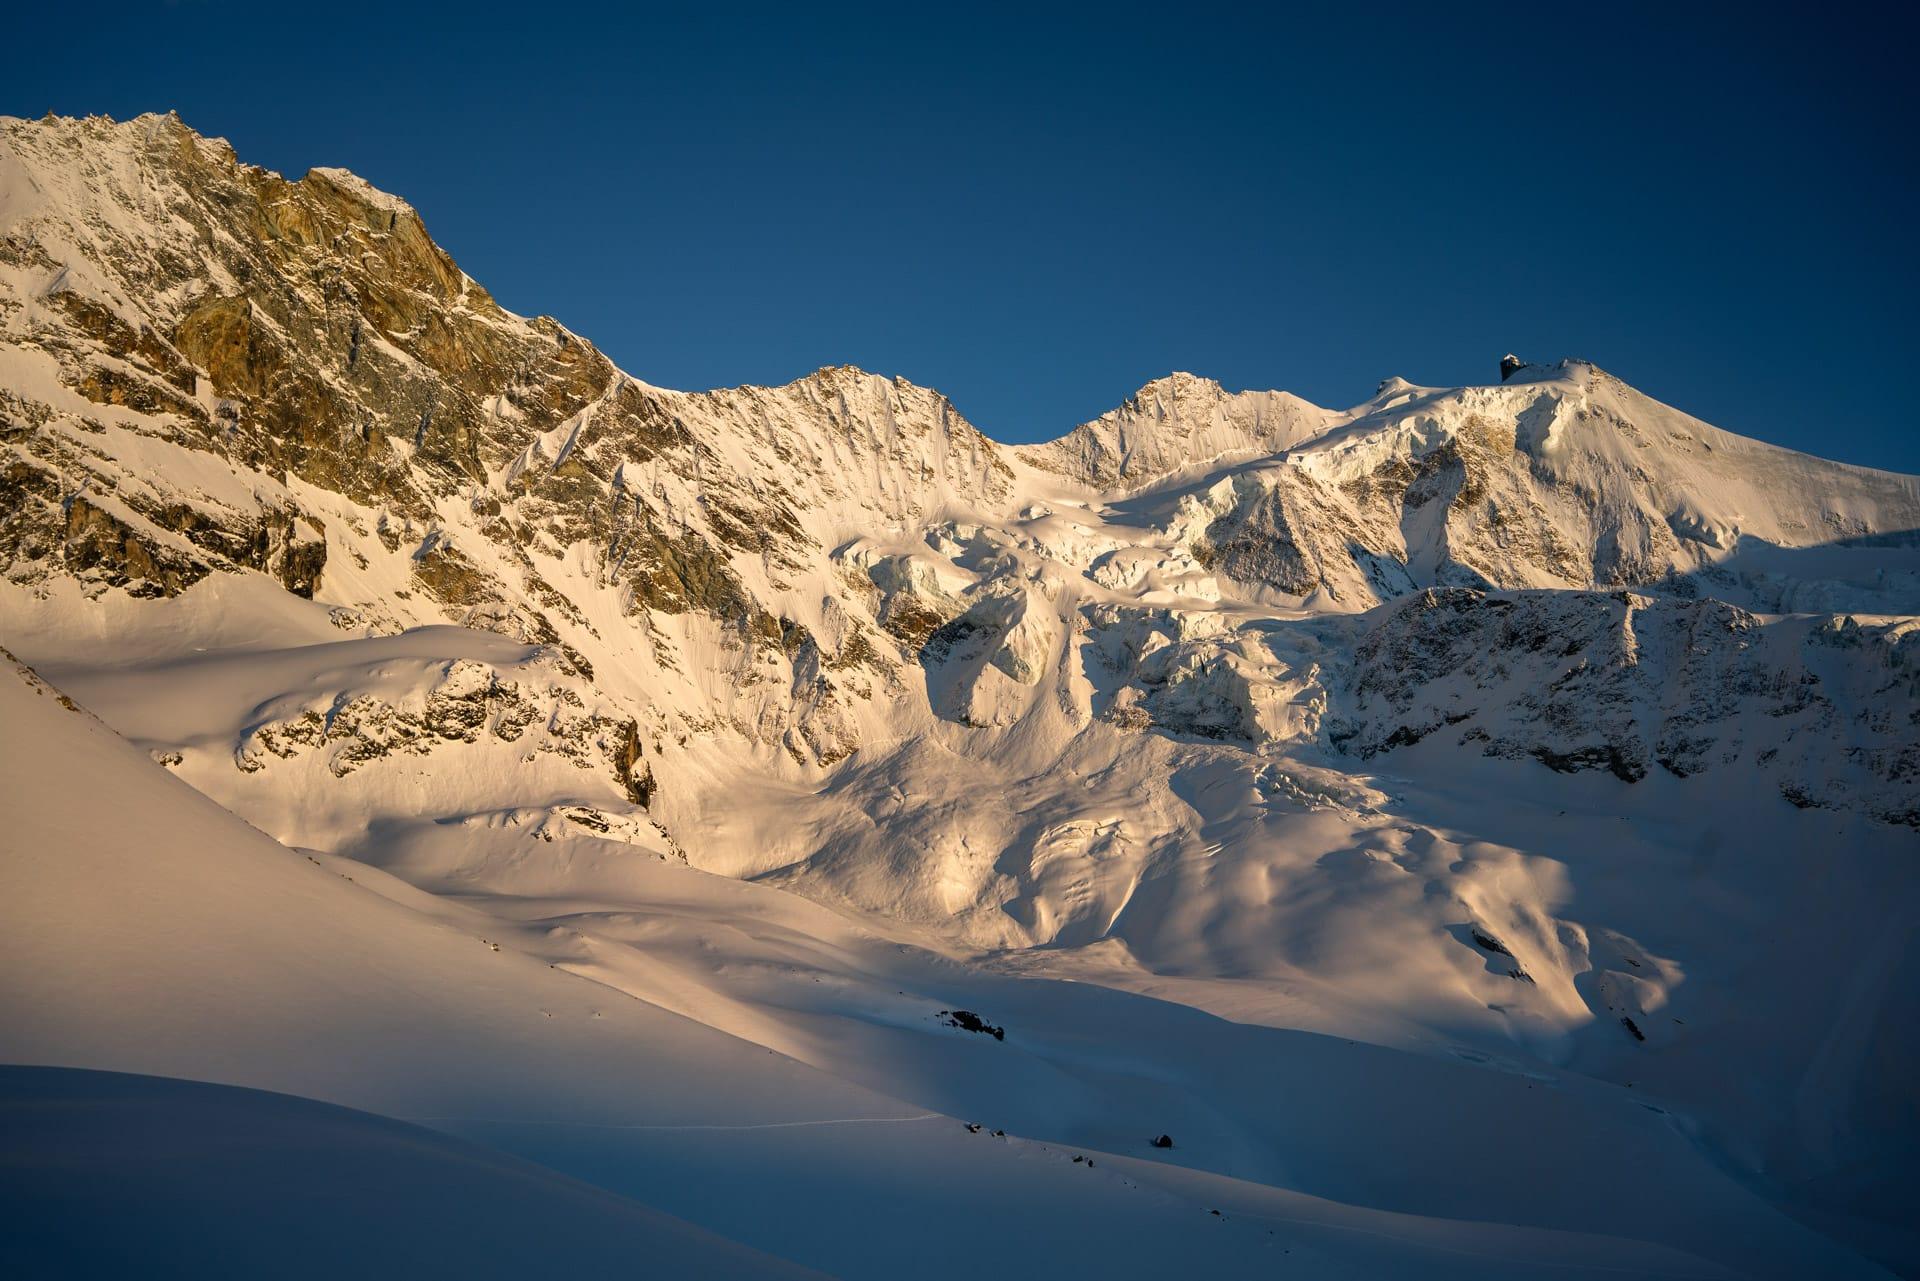 Alpes Valaisannes #W1<br><span id='secondary-title' style='font-size:28px;line-height:34px;color:#fff!important;font-weight:300;display:block;padding-top:34px;'>Improvisation le long de la couronne impériale de Zinal.</span>